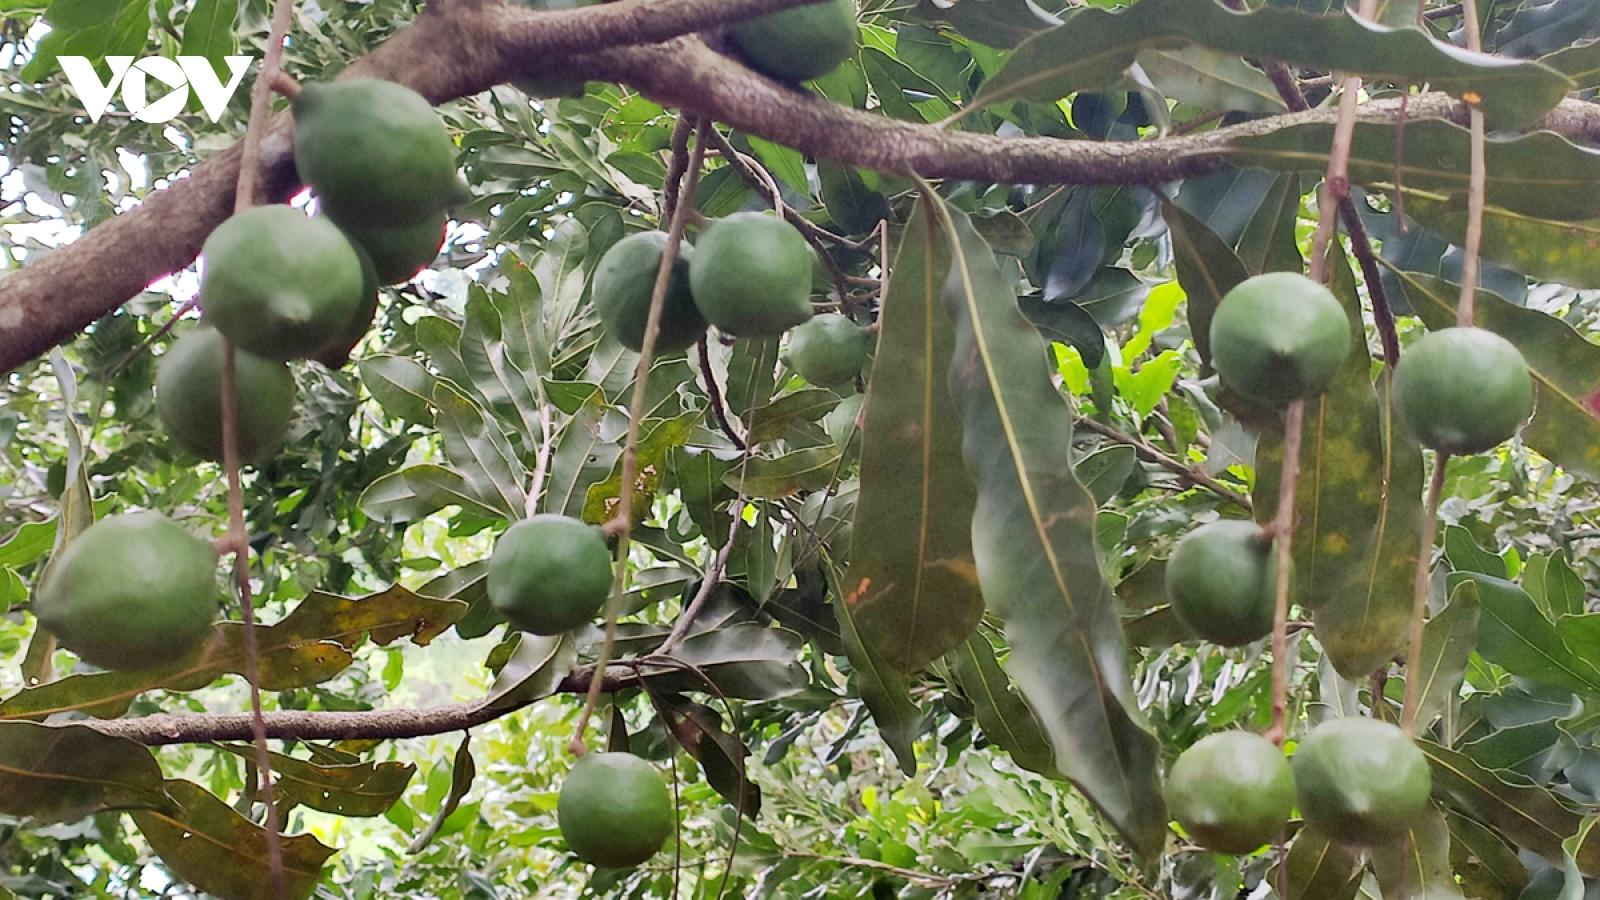 Macca - sản phẩm nông nghiệp đặc hữu trên vùng núi đá Lai Châu